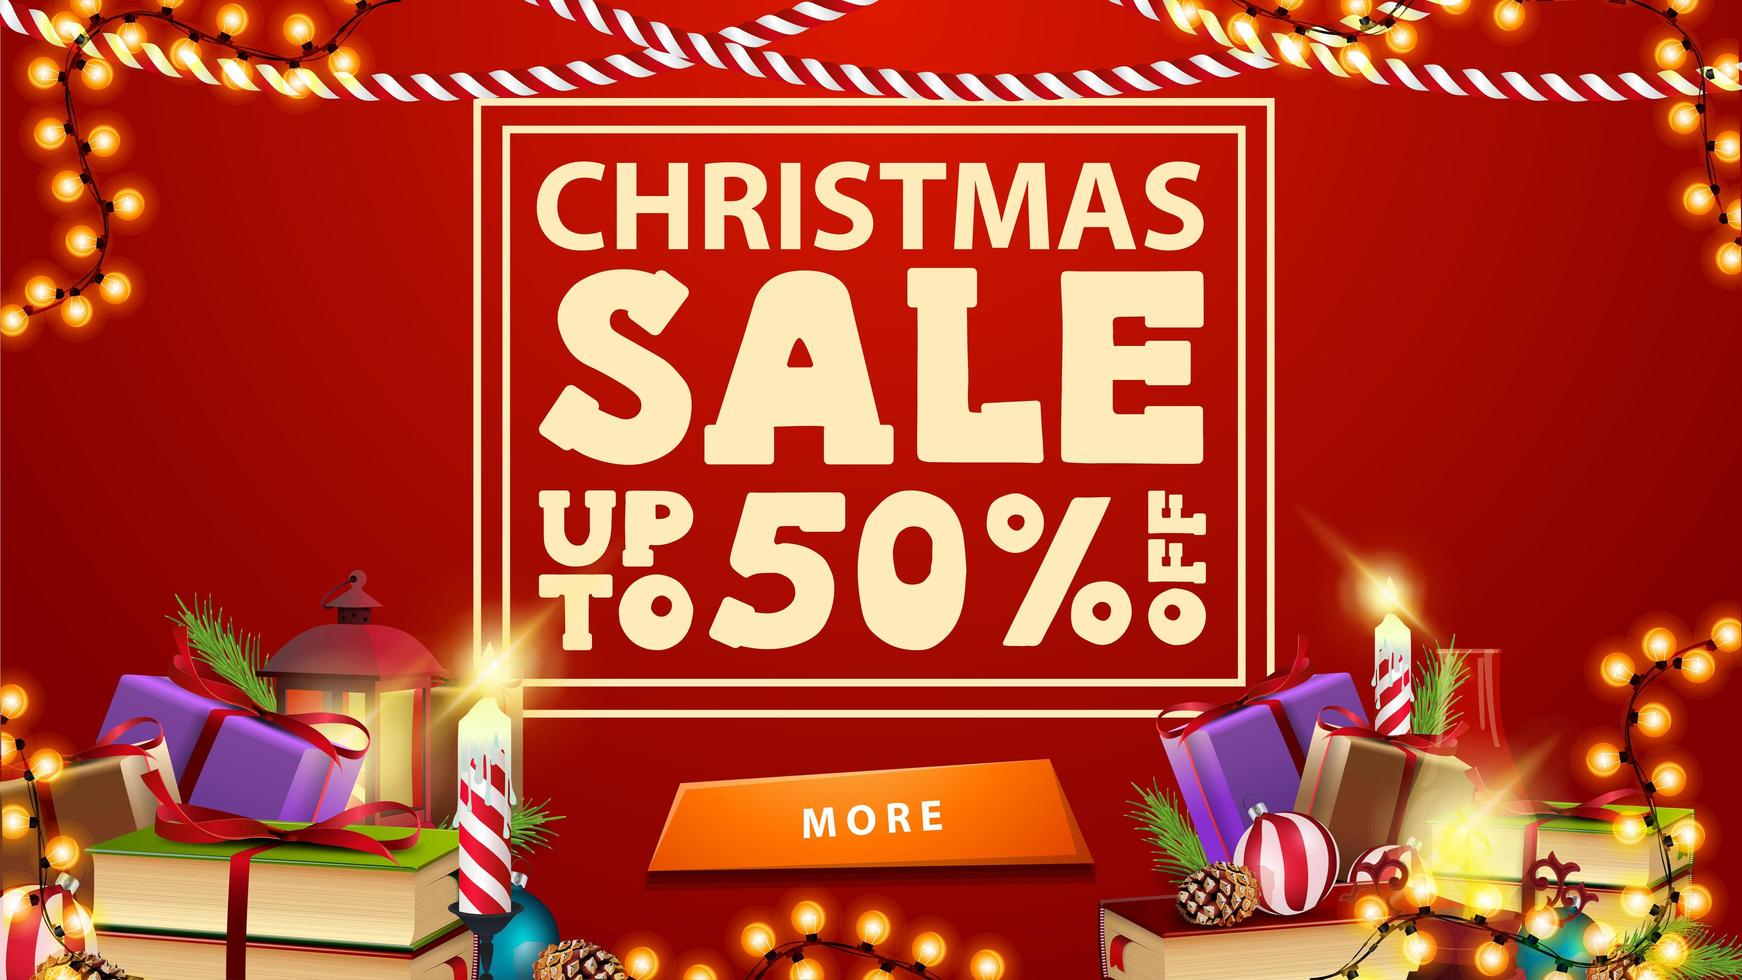 Weihnachtsverkauf, bis zu 50 Rabatt, rotes Rabatt-Banner mit Girlande, Knopf und Geschenken. vektor